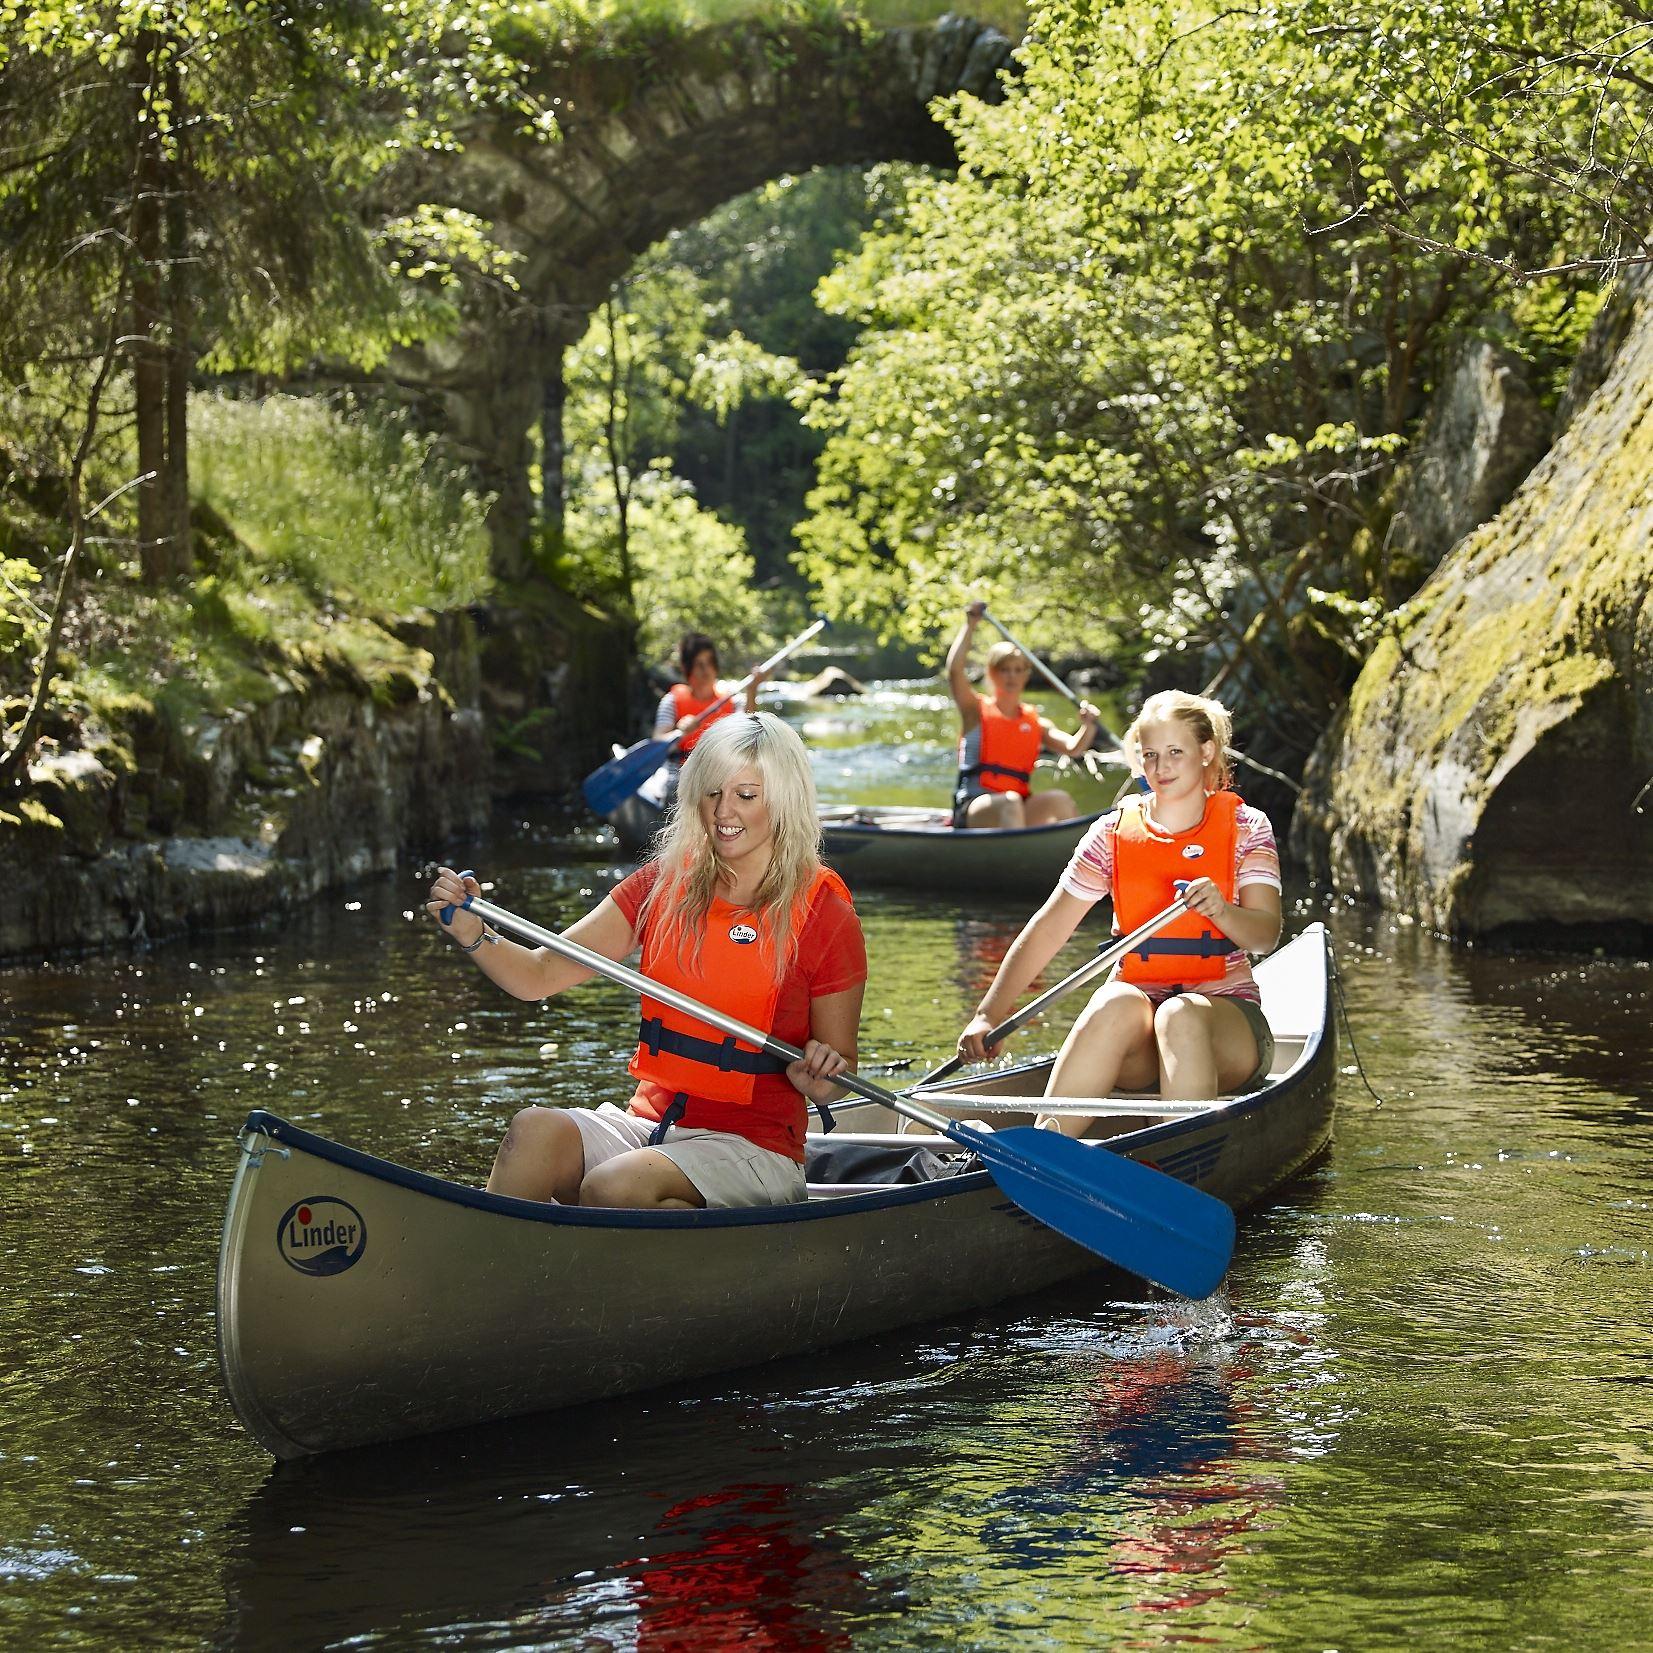 Paddeltur 4: Vieån/Verumsån, Lilla sjö > mynning i Helge å (24 km) + 12 km till Osbysjön.